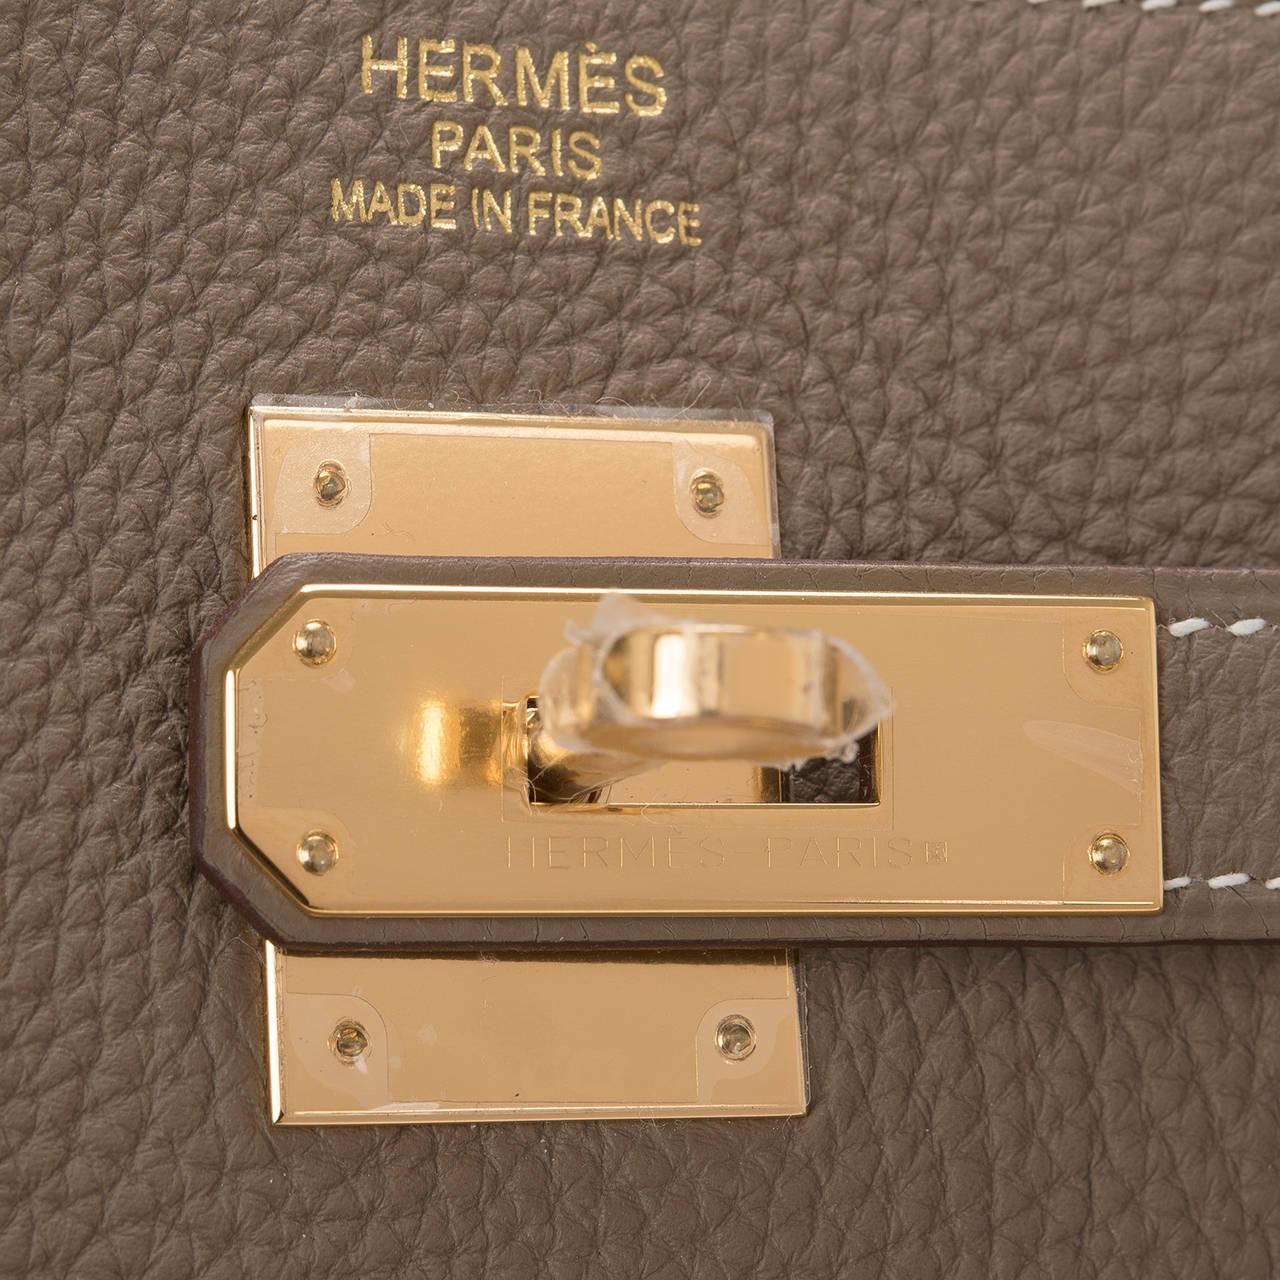 Hermes Etoupe Togo Birkin 40cm Gold Hardware For Sale at 1stdibs